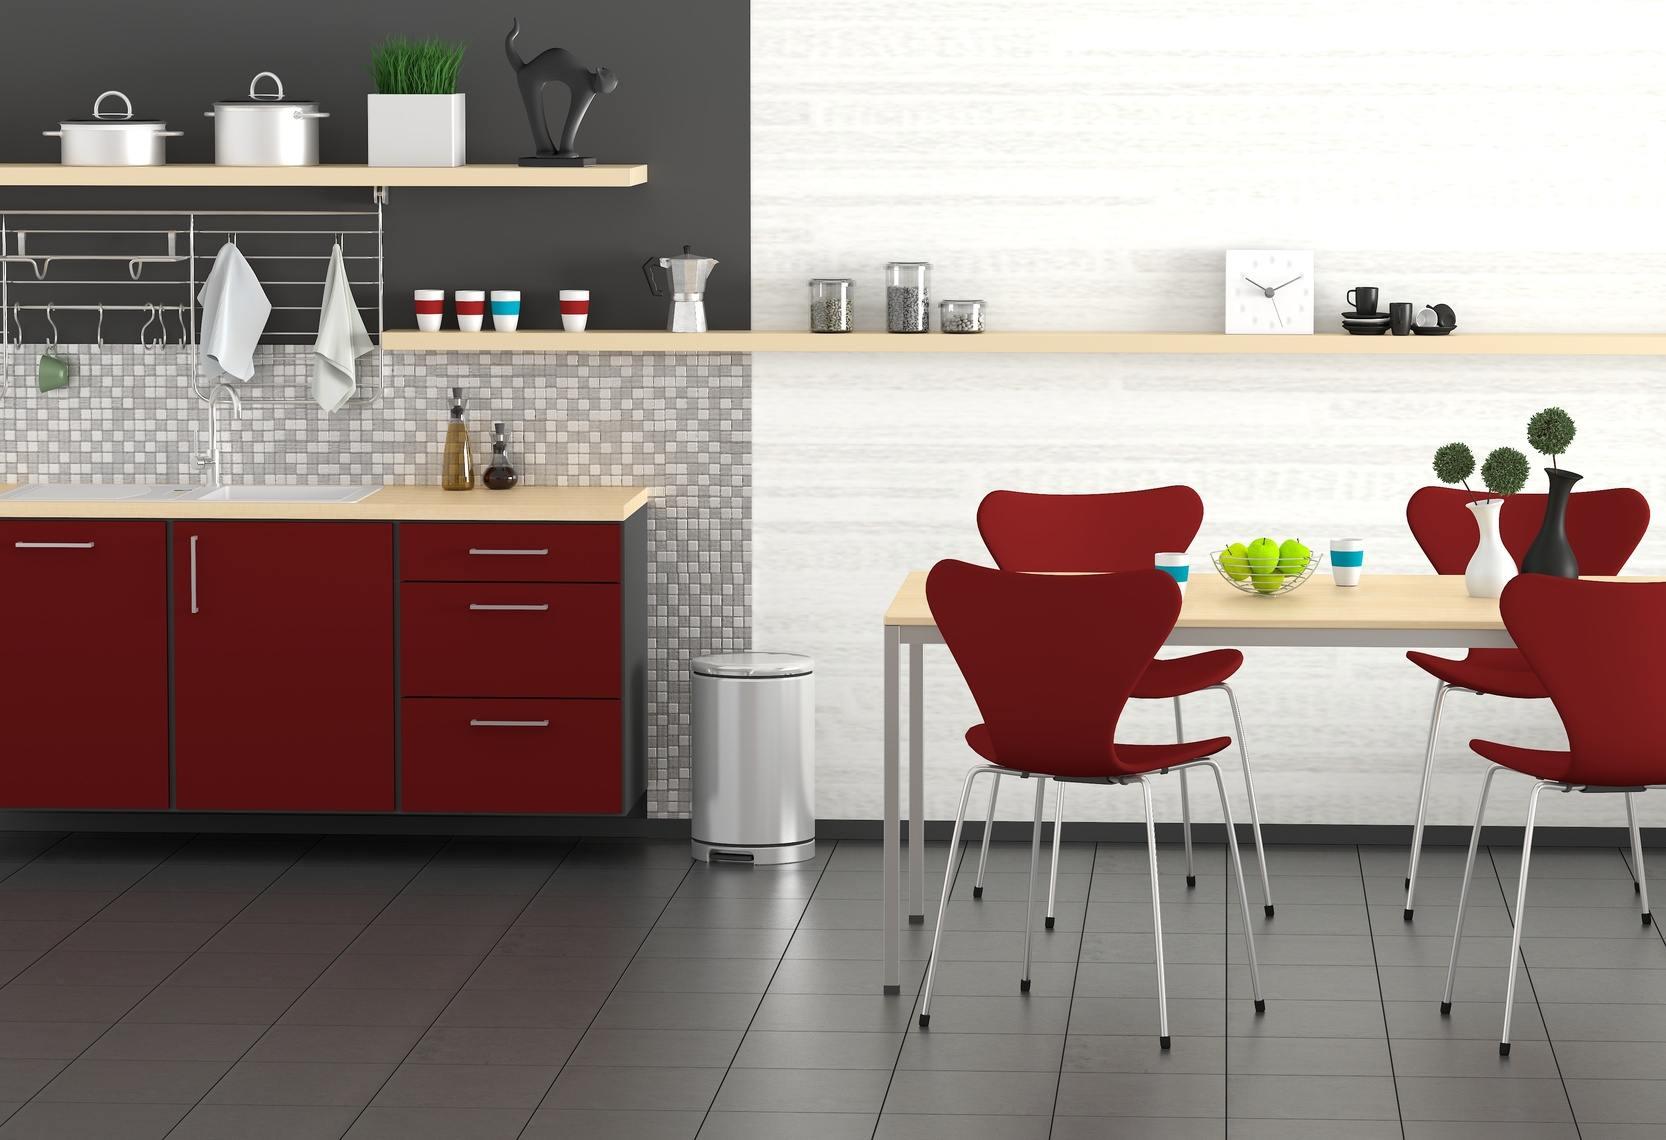 carrelage au sol d 39 une cuisine tous les conseils pour le choisir. Black Bedroom Furniture Sets. Home Design Ideas